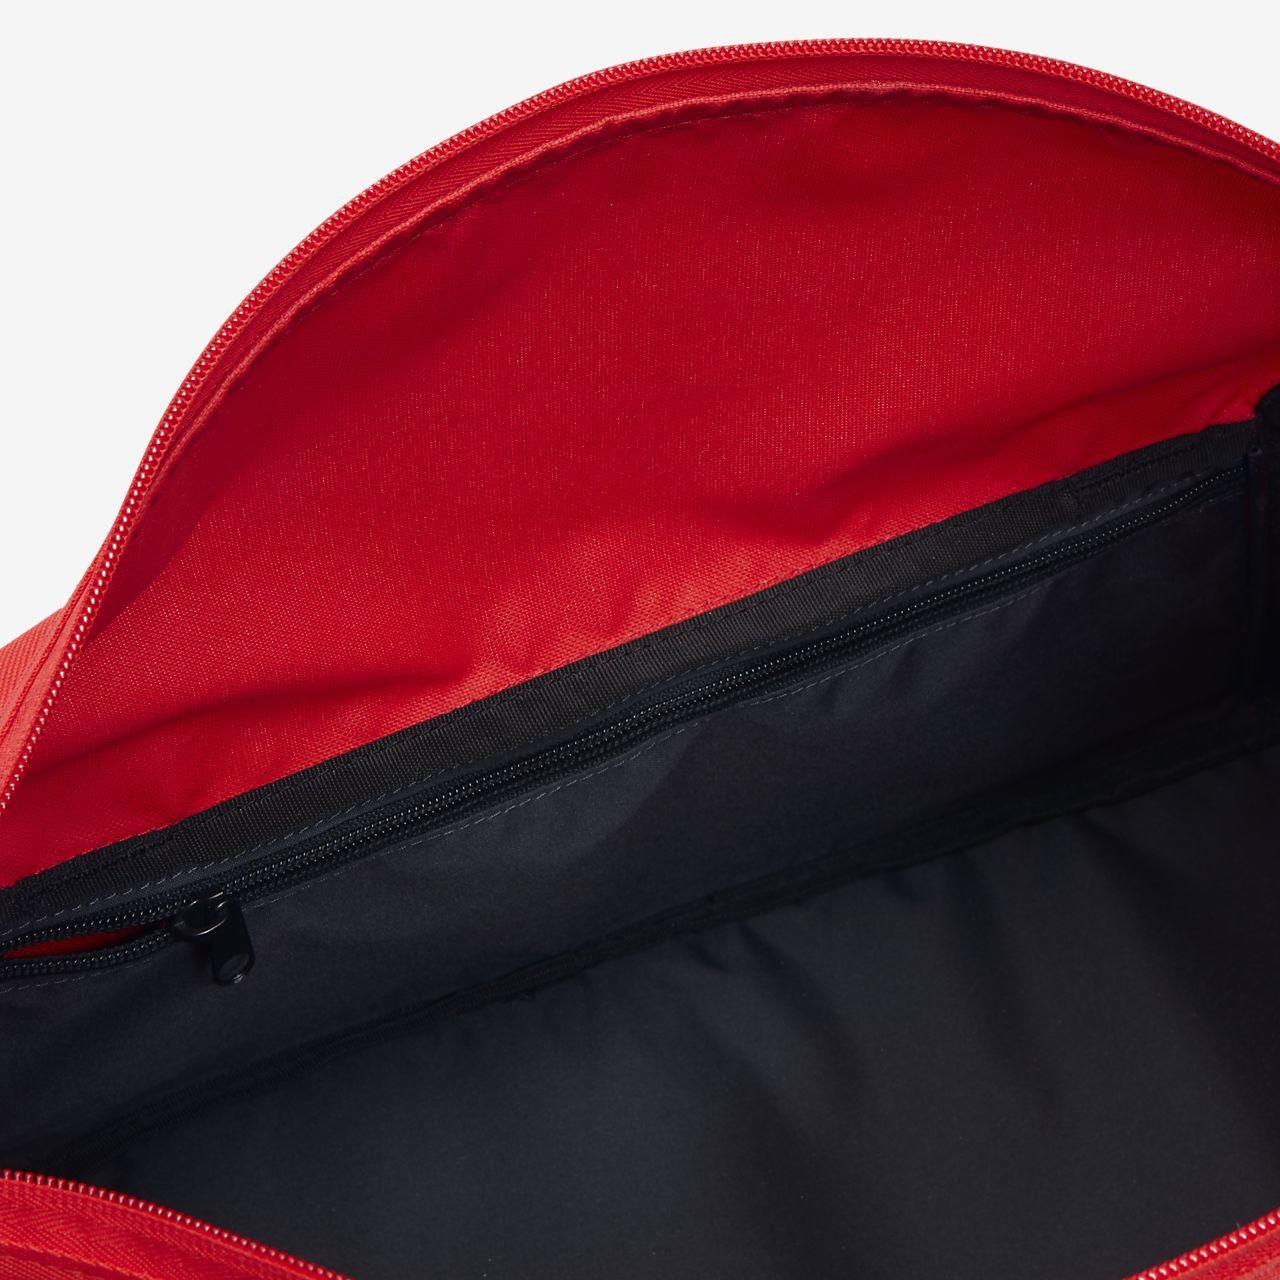 b745f9fdc41ec Nike Academy Team Hardcase (Medium) Football Duffel Bag. Nike.com GB